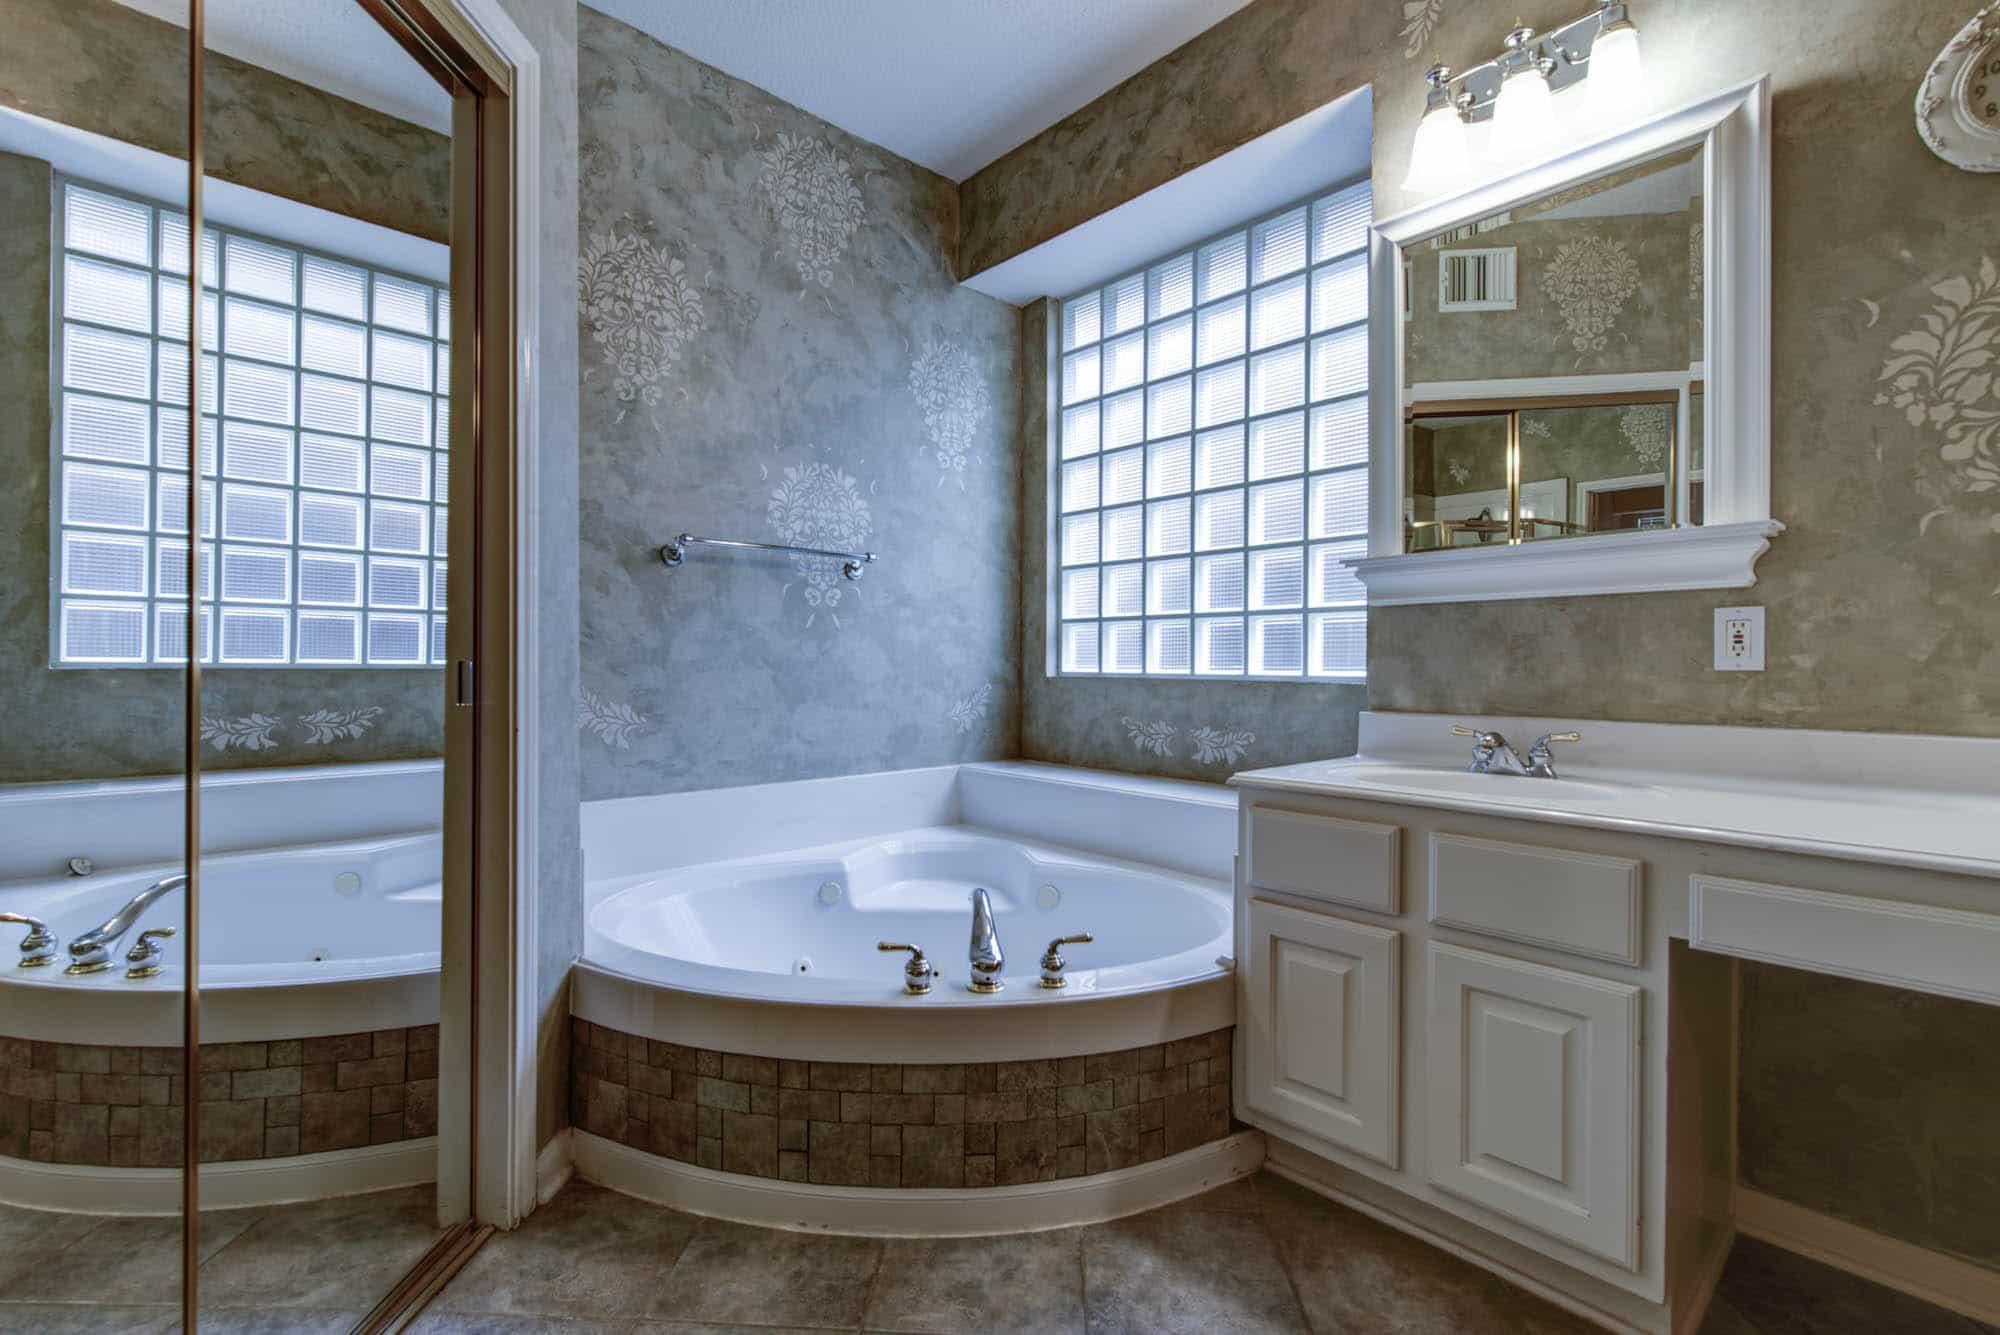 Bathroom Remodeling Houston TX | Powers Remodeling